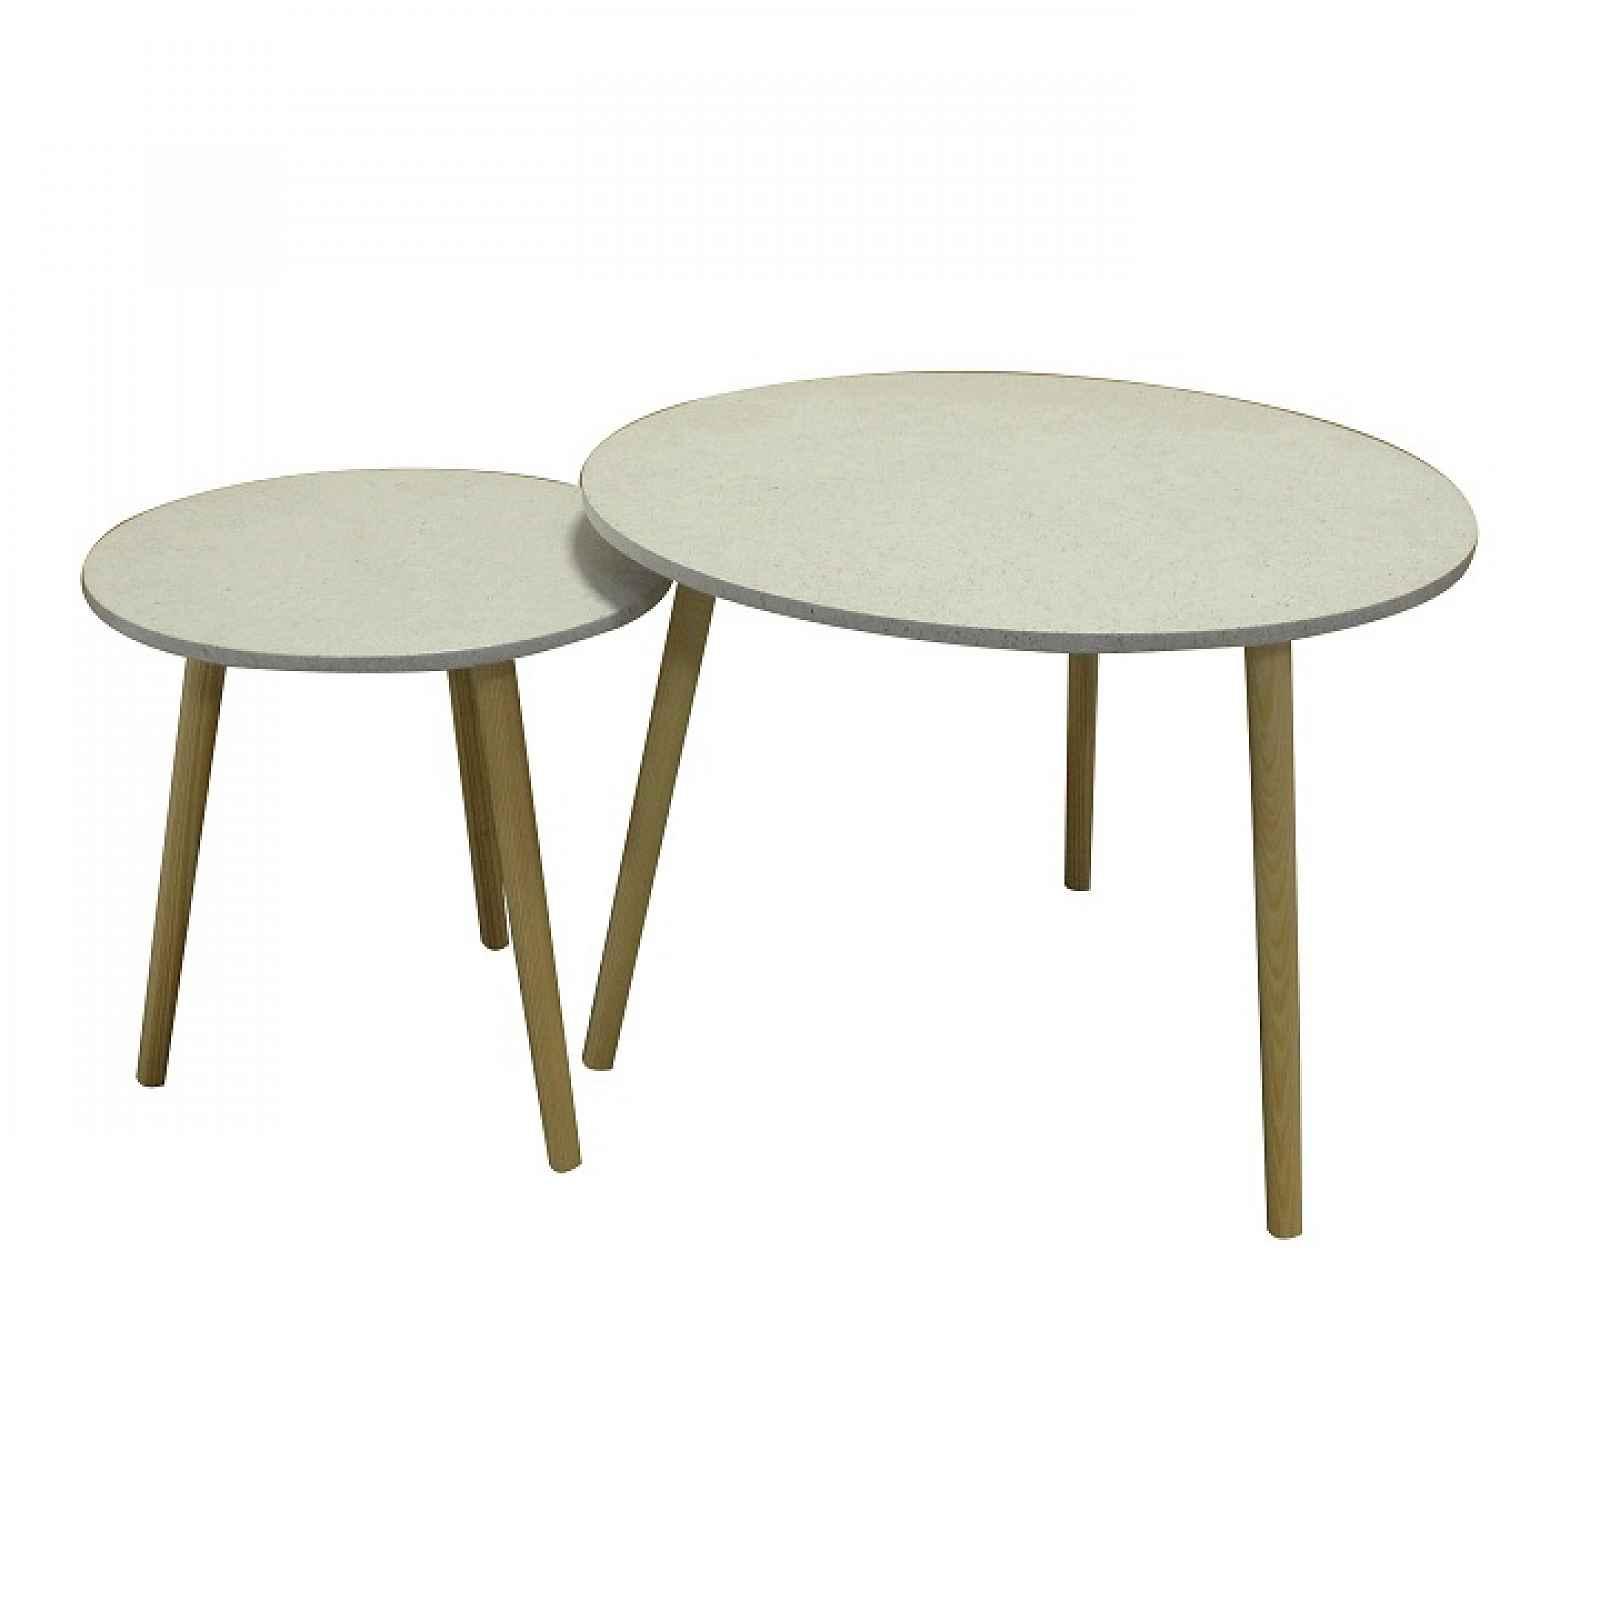 Set příručních stolíkov, mramorový efekt / dřevo natural LIRAN 2V1 0000191794 Tempo Kondela